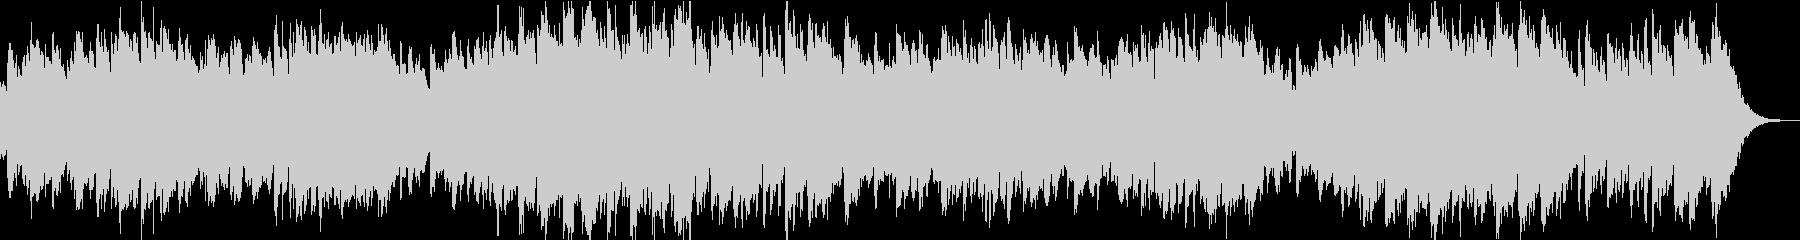 ジムノペディ第一番(幻想的音色)の未再生の波形